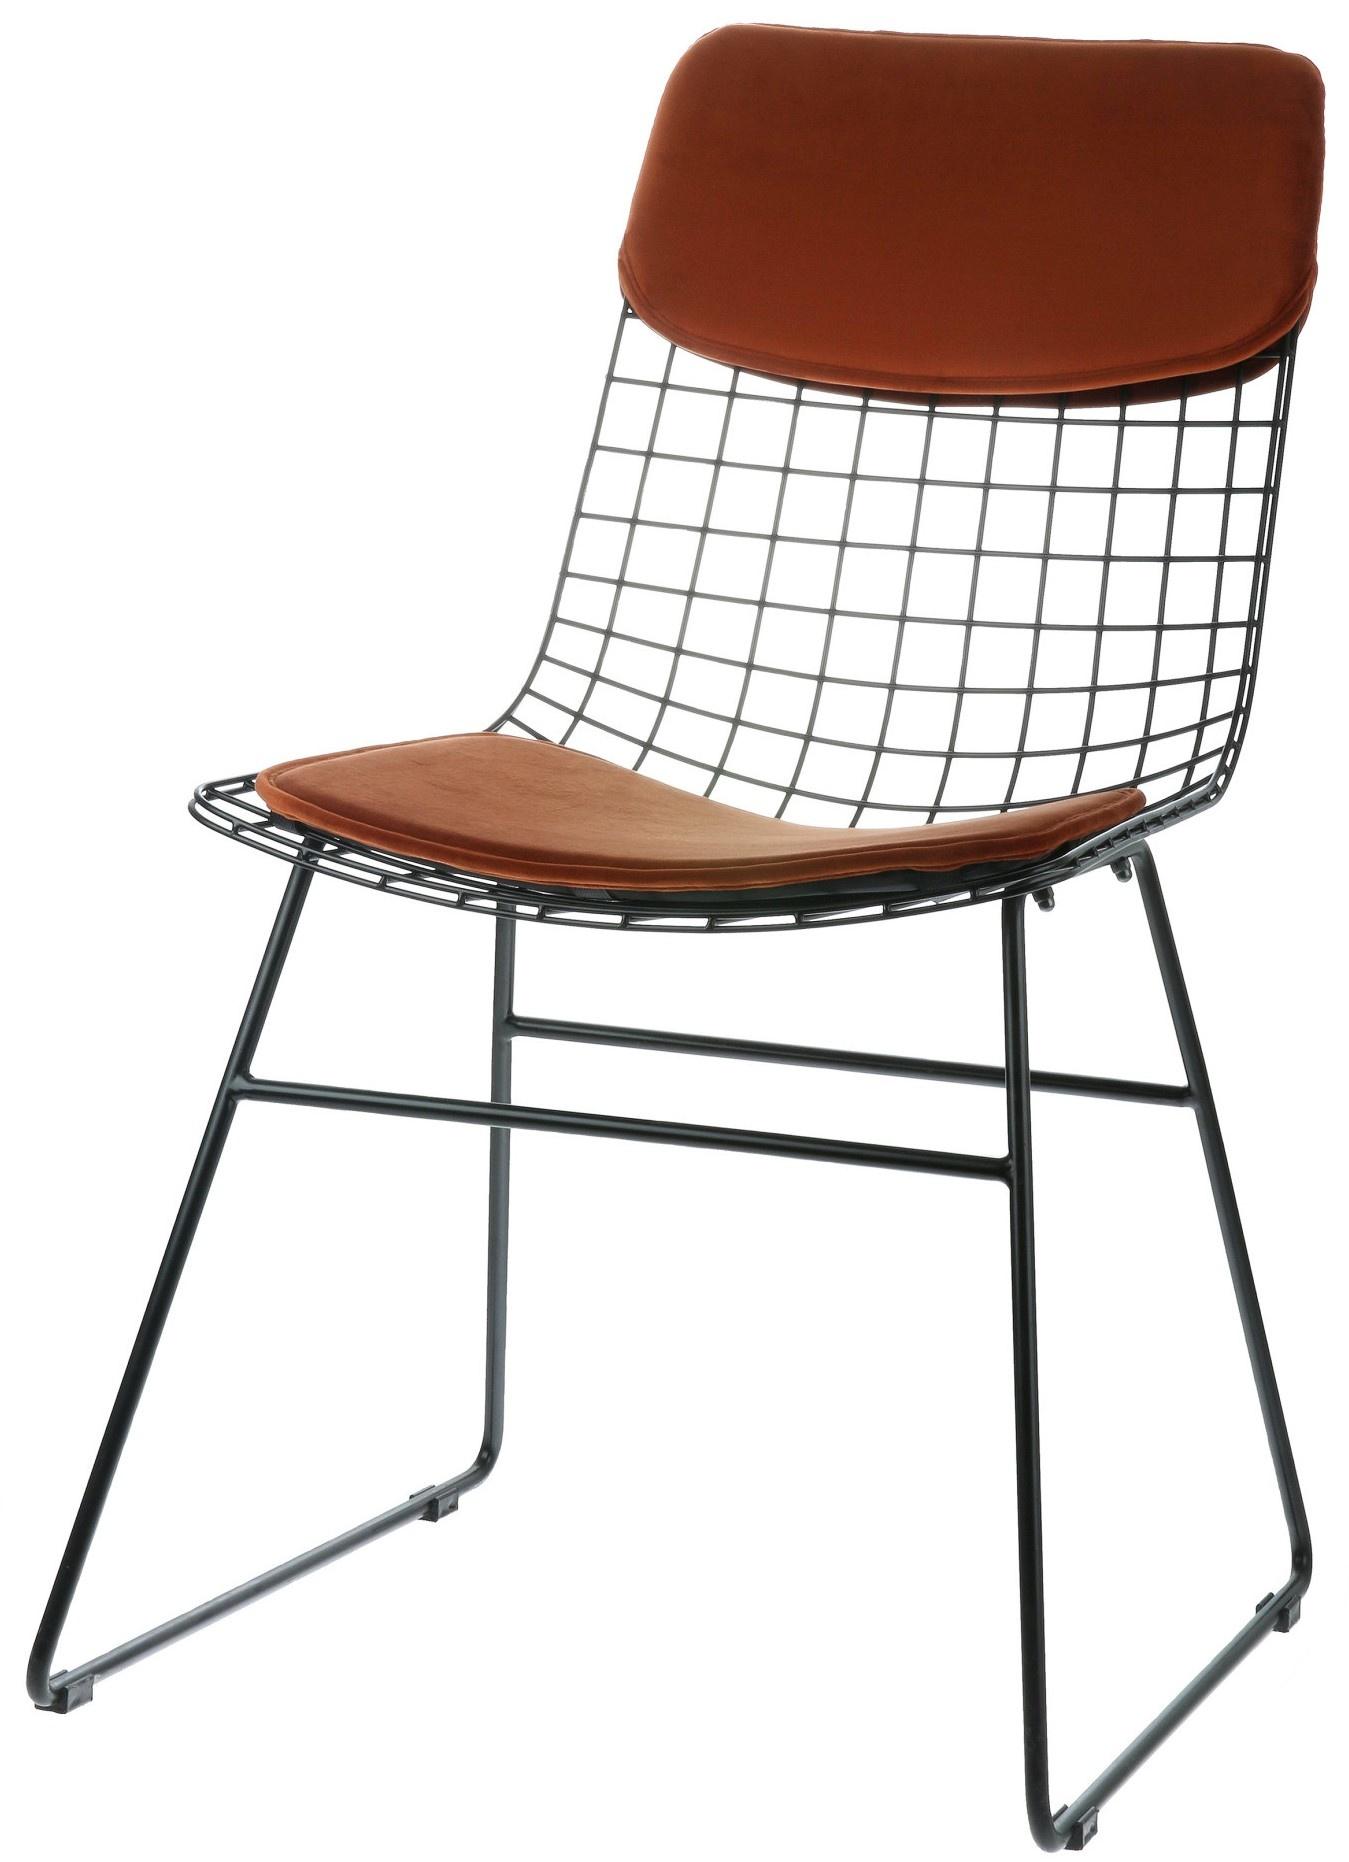 Kussens wire chair comfort kit velvet terra-3